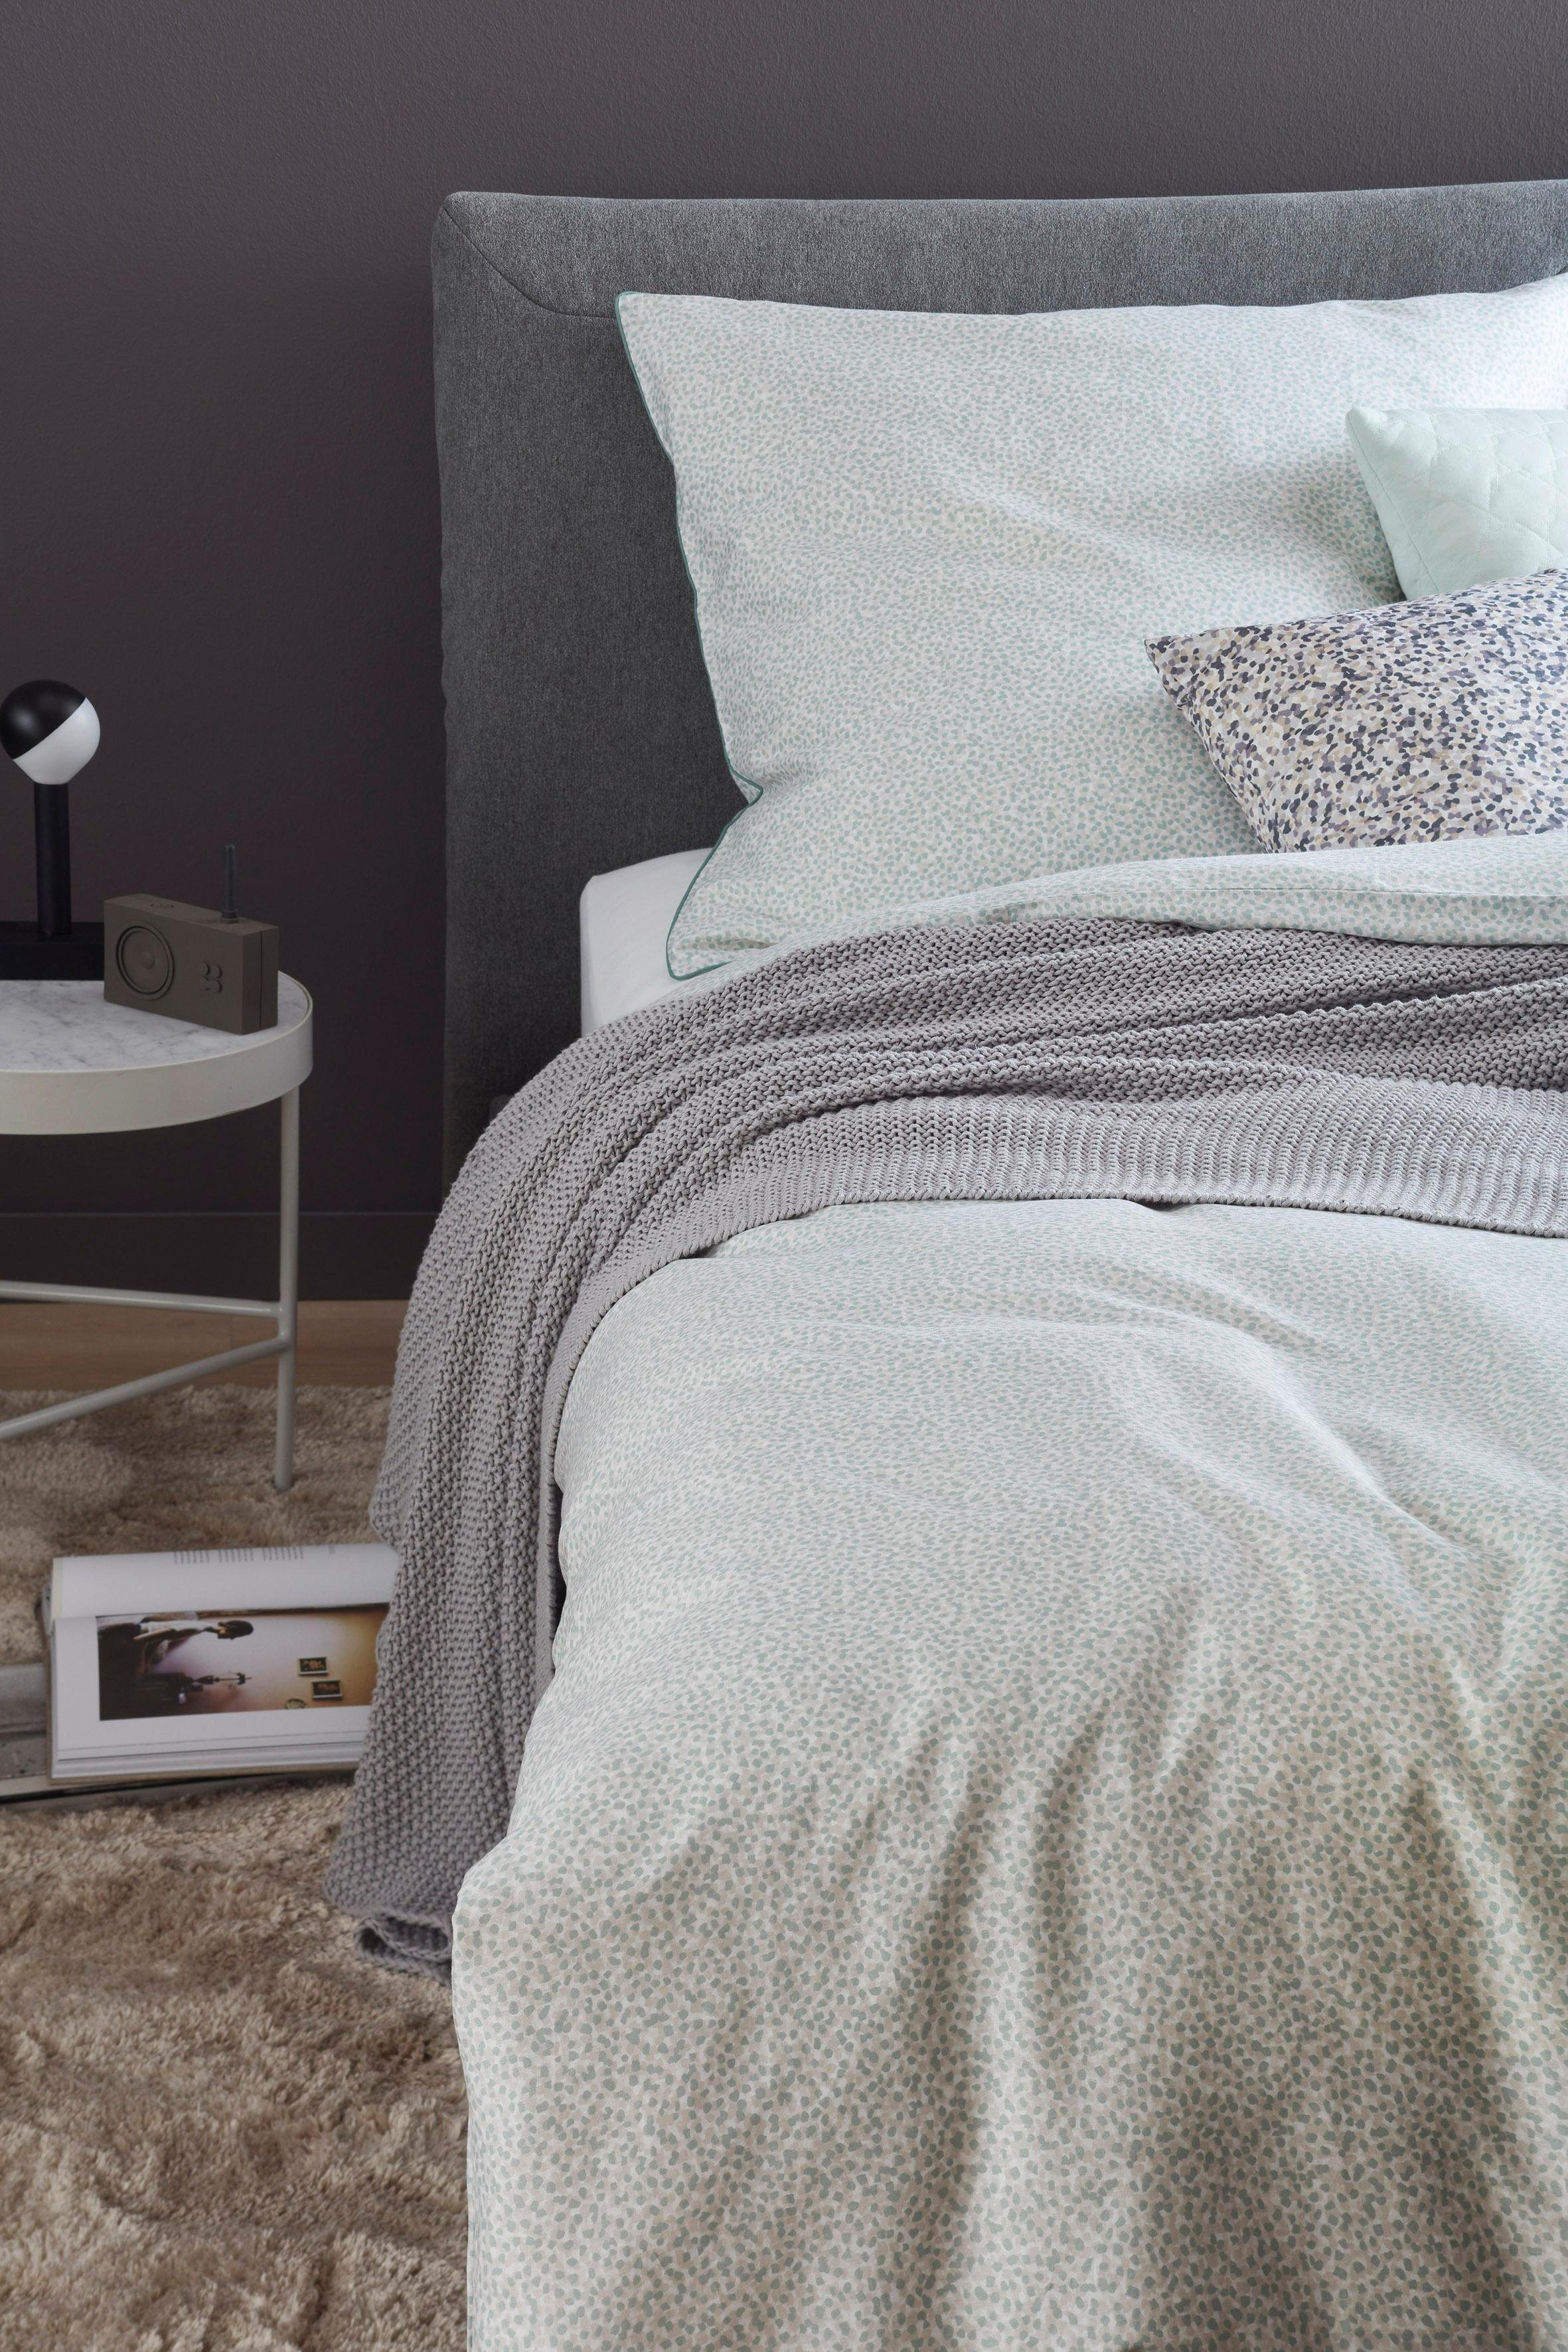 essenza bettw sche bettw sche 155x220 100 umwolle preisvergleich die besten angebote online. Black Bedroom Furniture Sets. Home Design Ideas